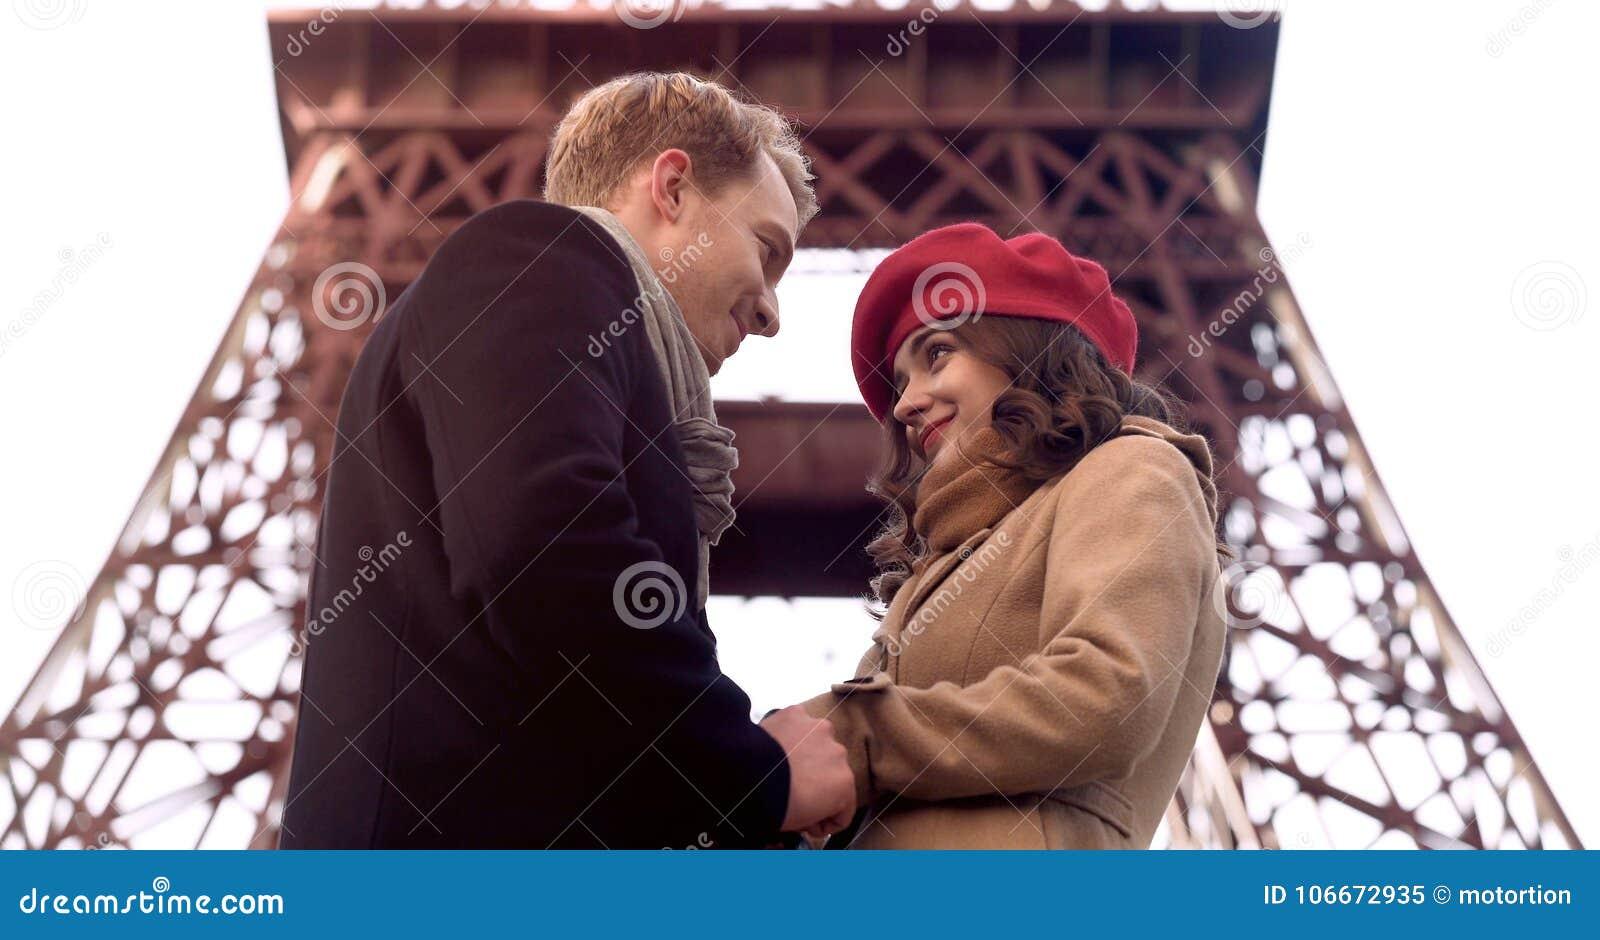 Przystojny mężczyzna patrzeje pięknej kobiety z miłością, pierwszy data, romans w Paryż